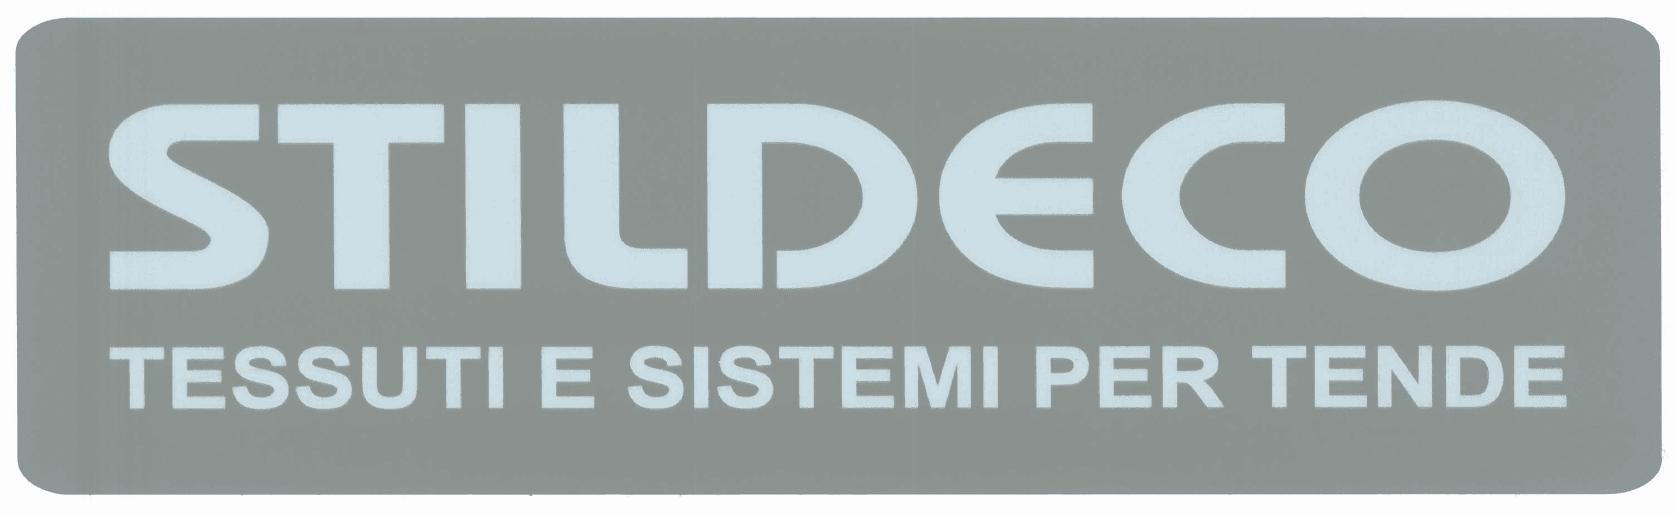 STILDECO